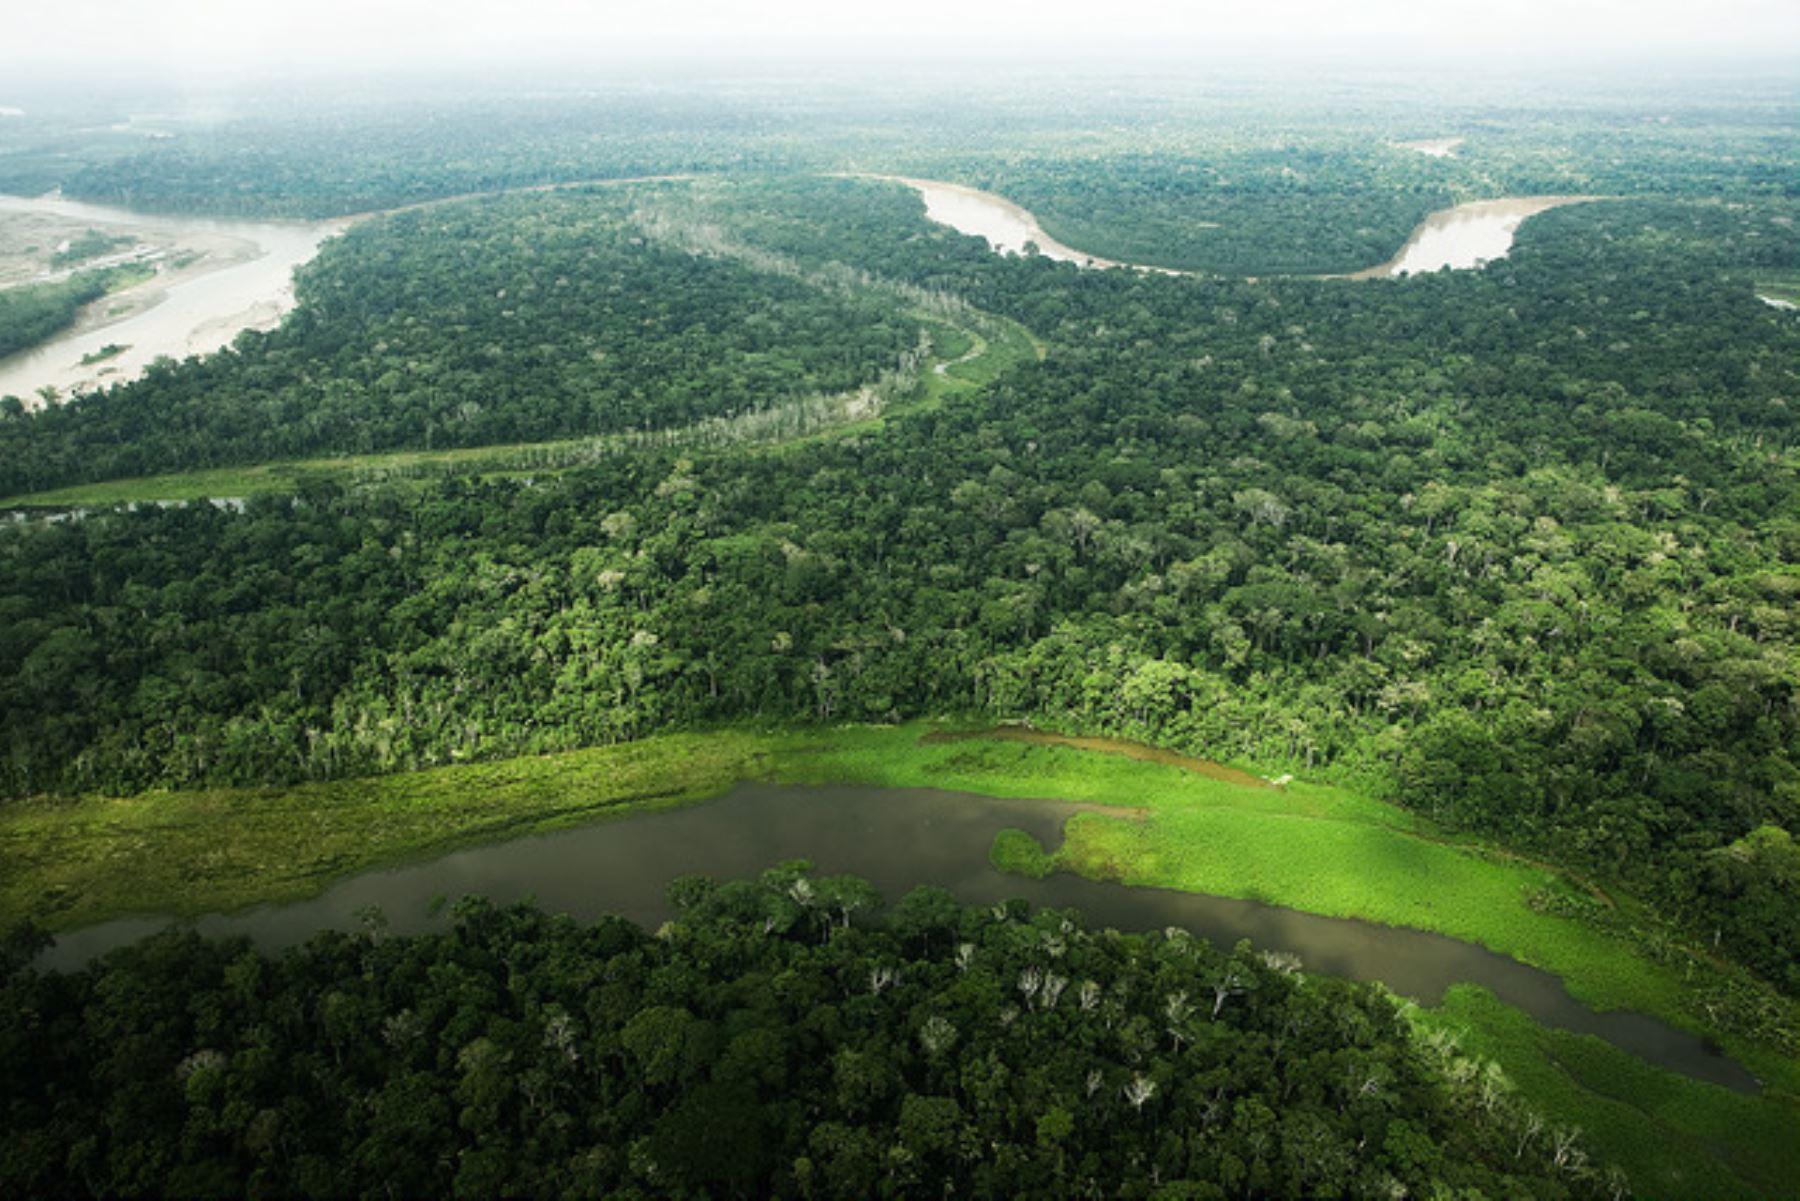 Vista de la Amazonía peruana. Cortesía